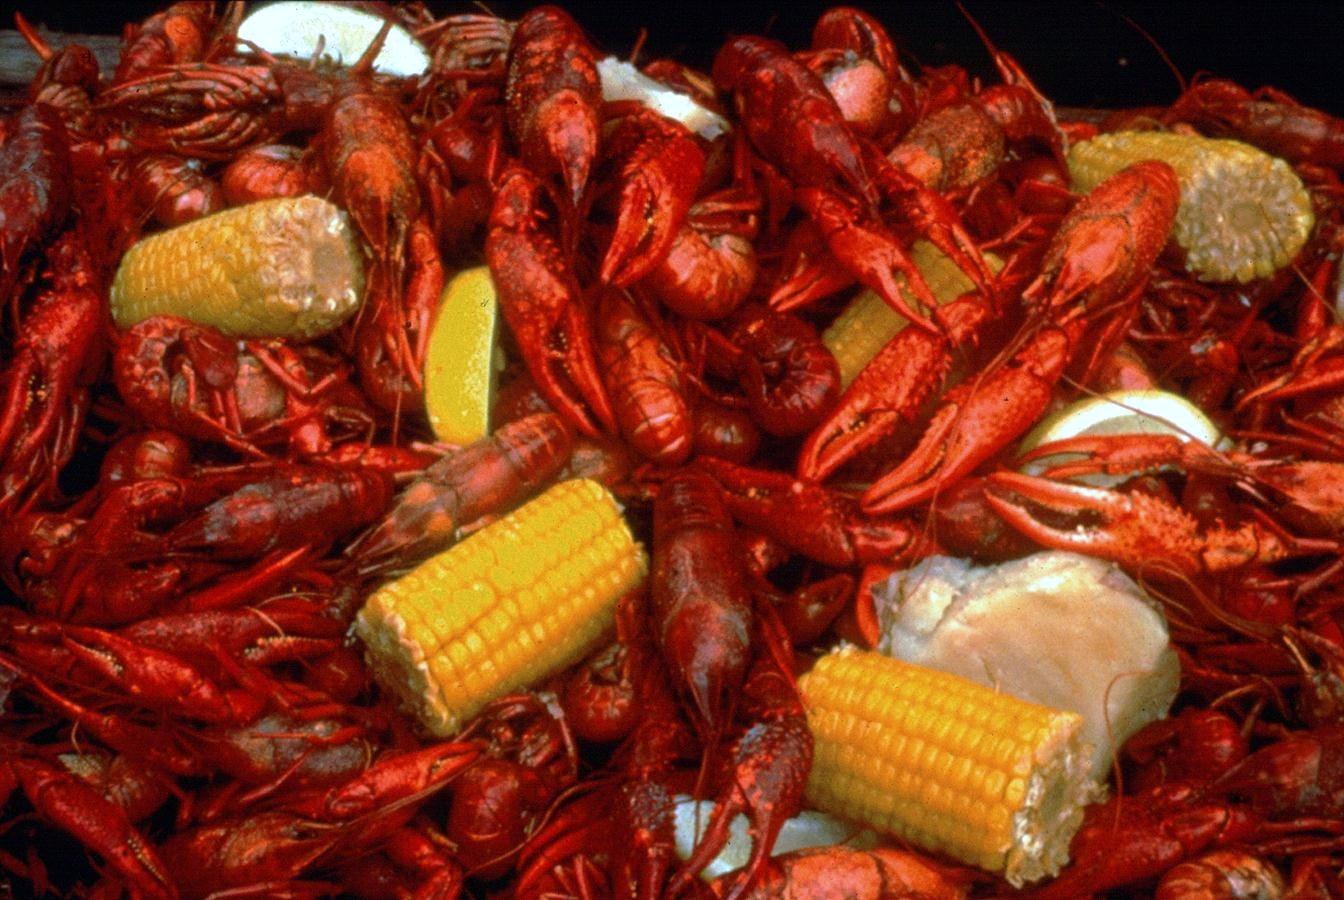 Cajun Style Crawfish Boils - photo by KLaCombe under CC-Zero